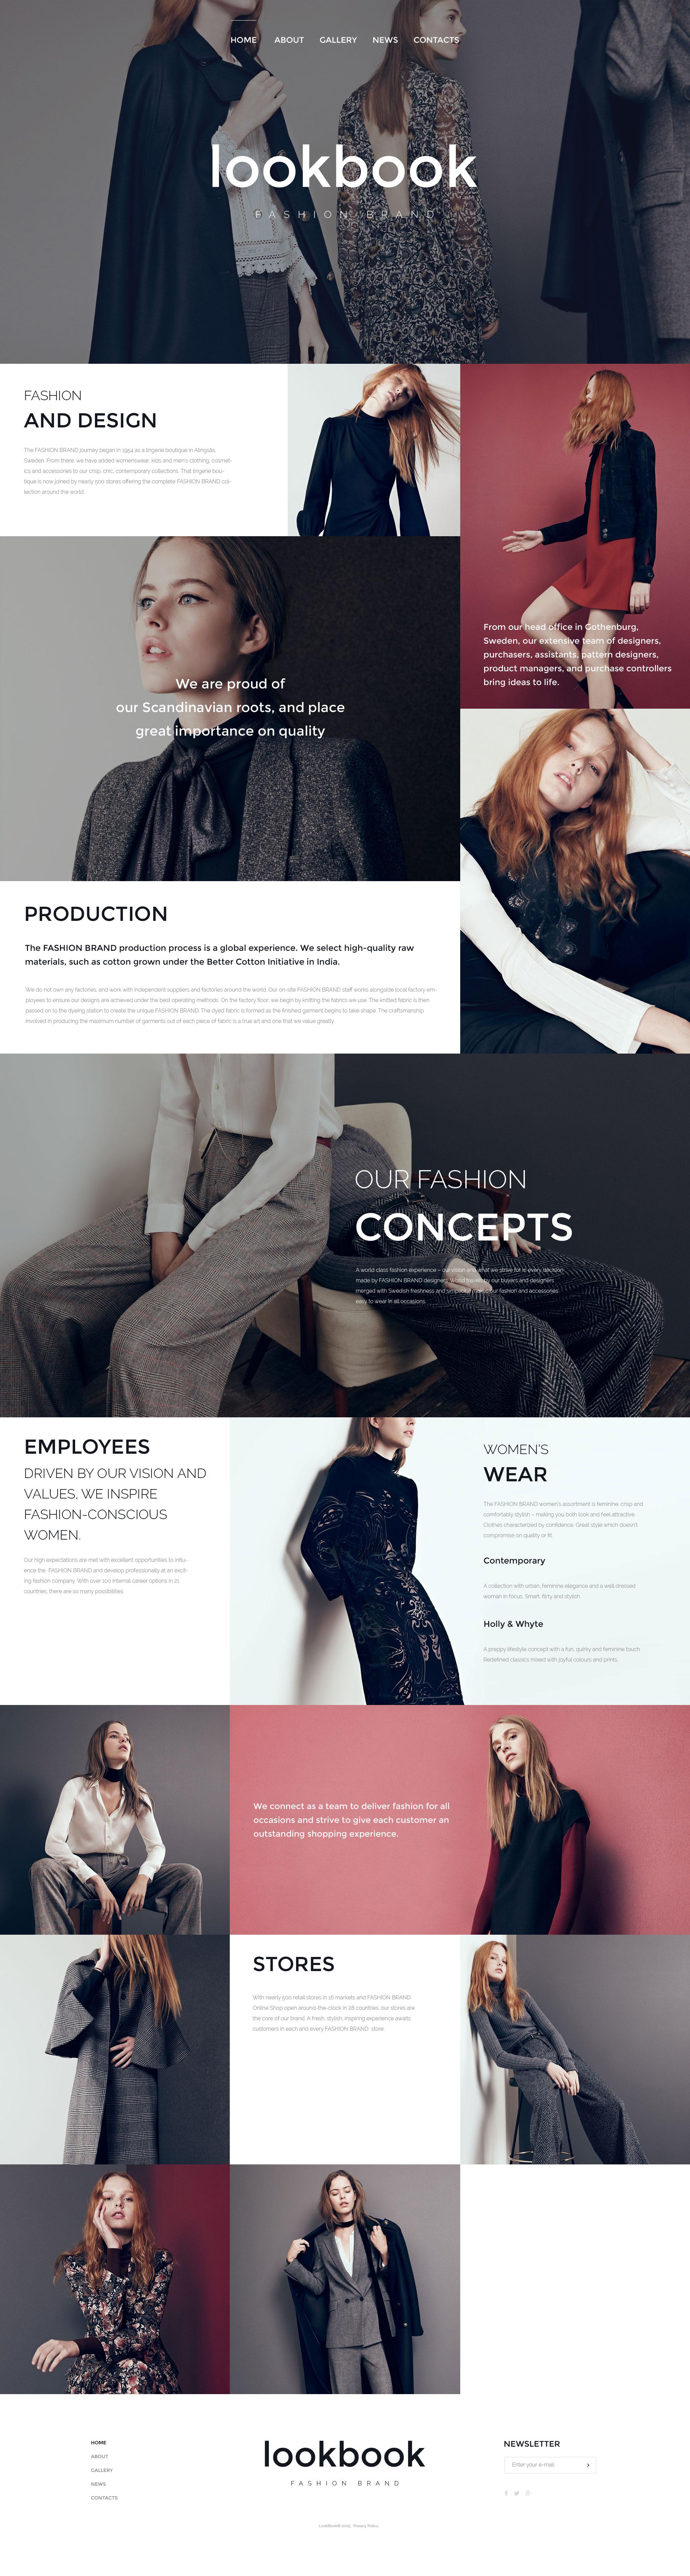 Plantilla Web Responsive para Sitio de Moda #57578 - captura de pantalla